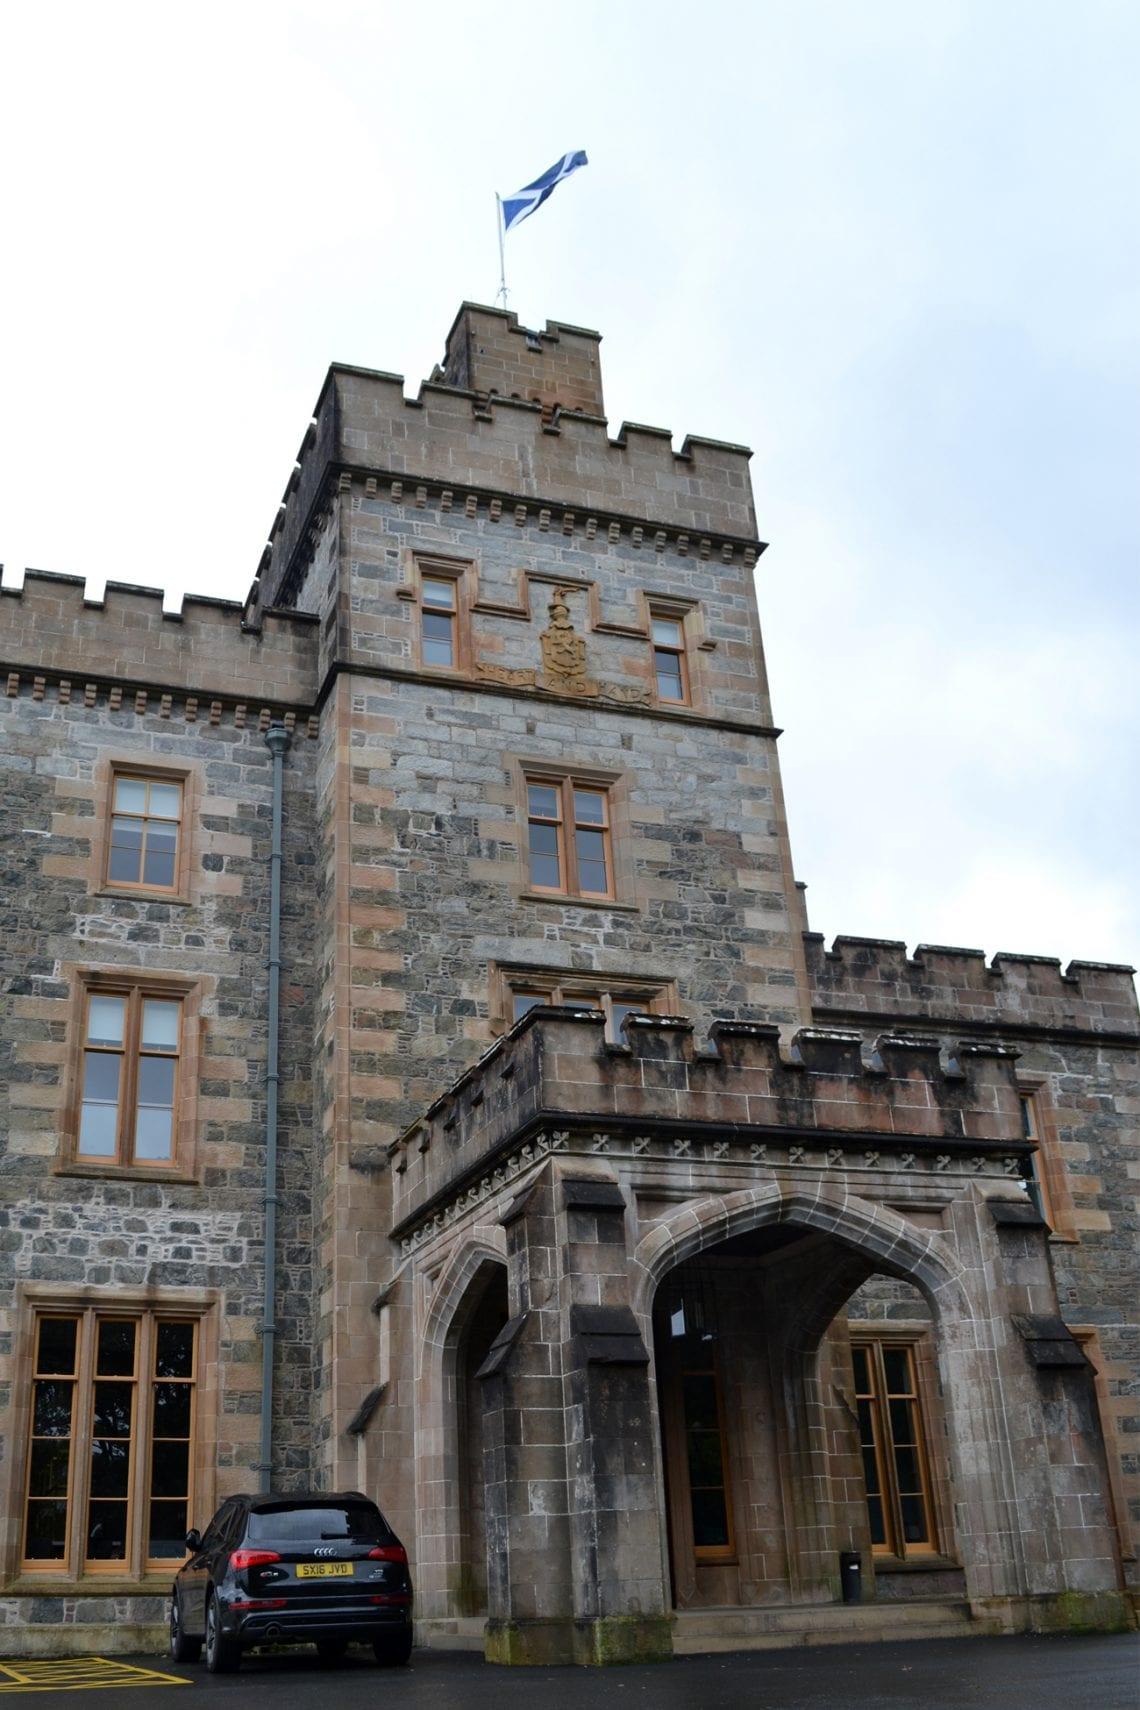 st kilda lewis castle stornoway